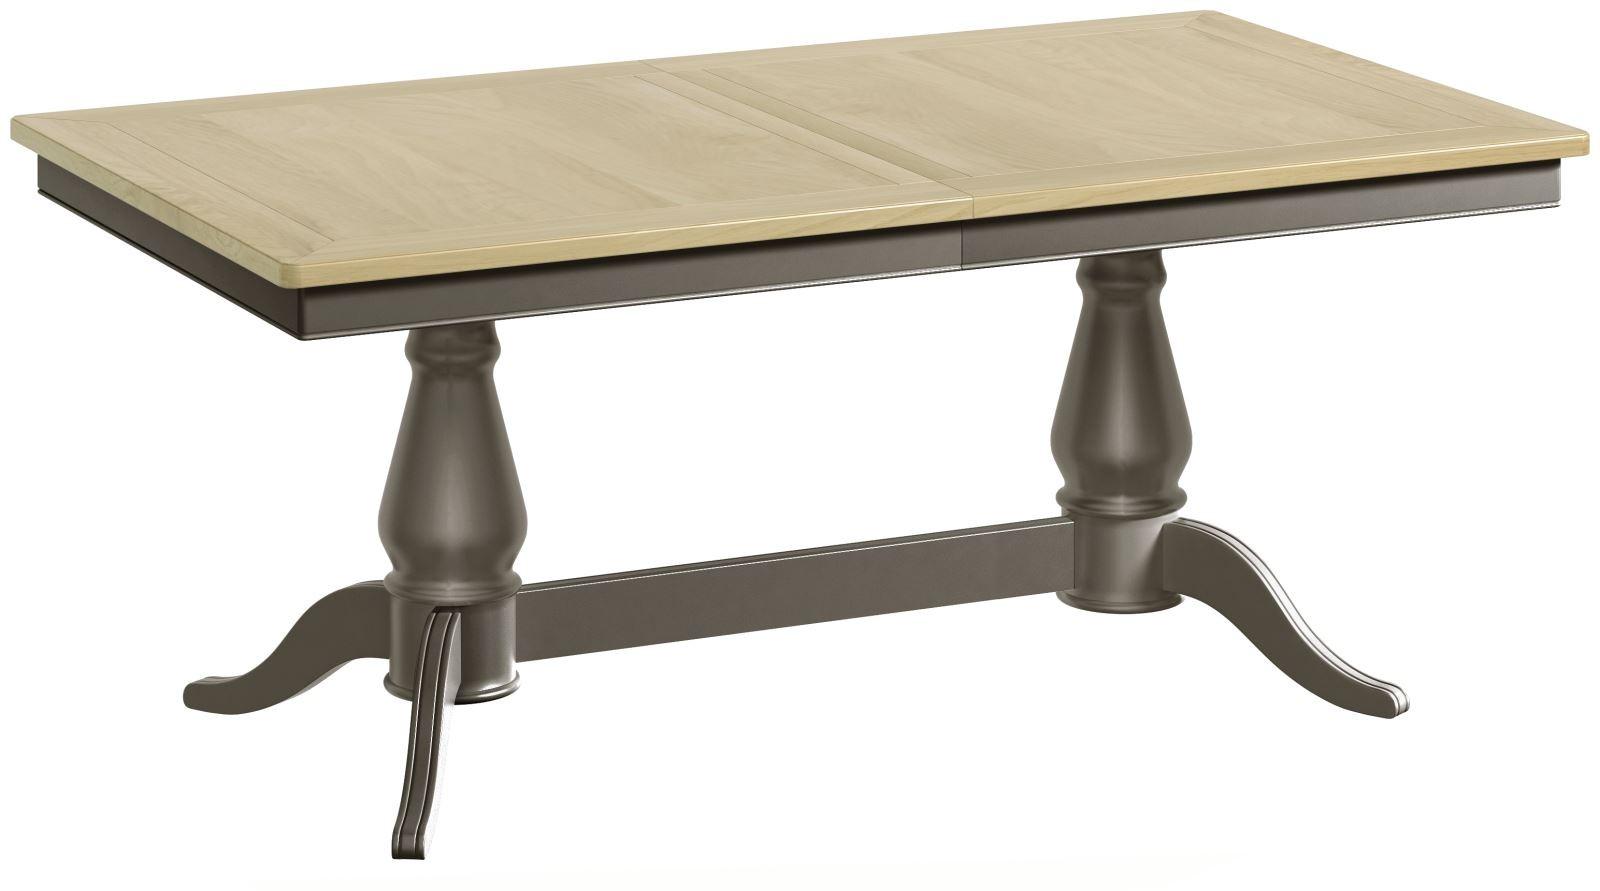 Penelope Grey Painted W Oak Top Twin Pedestal Extending Dining Table Progressive Furnishings